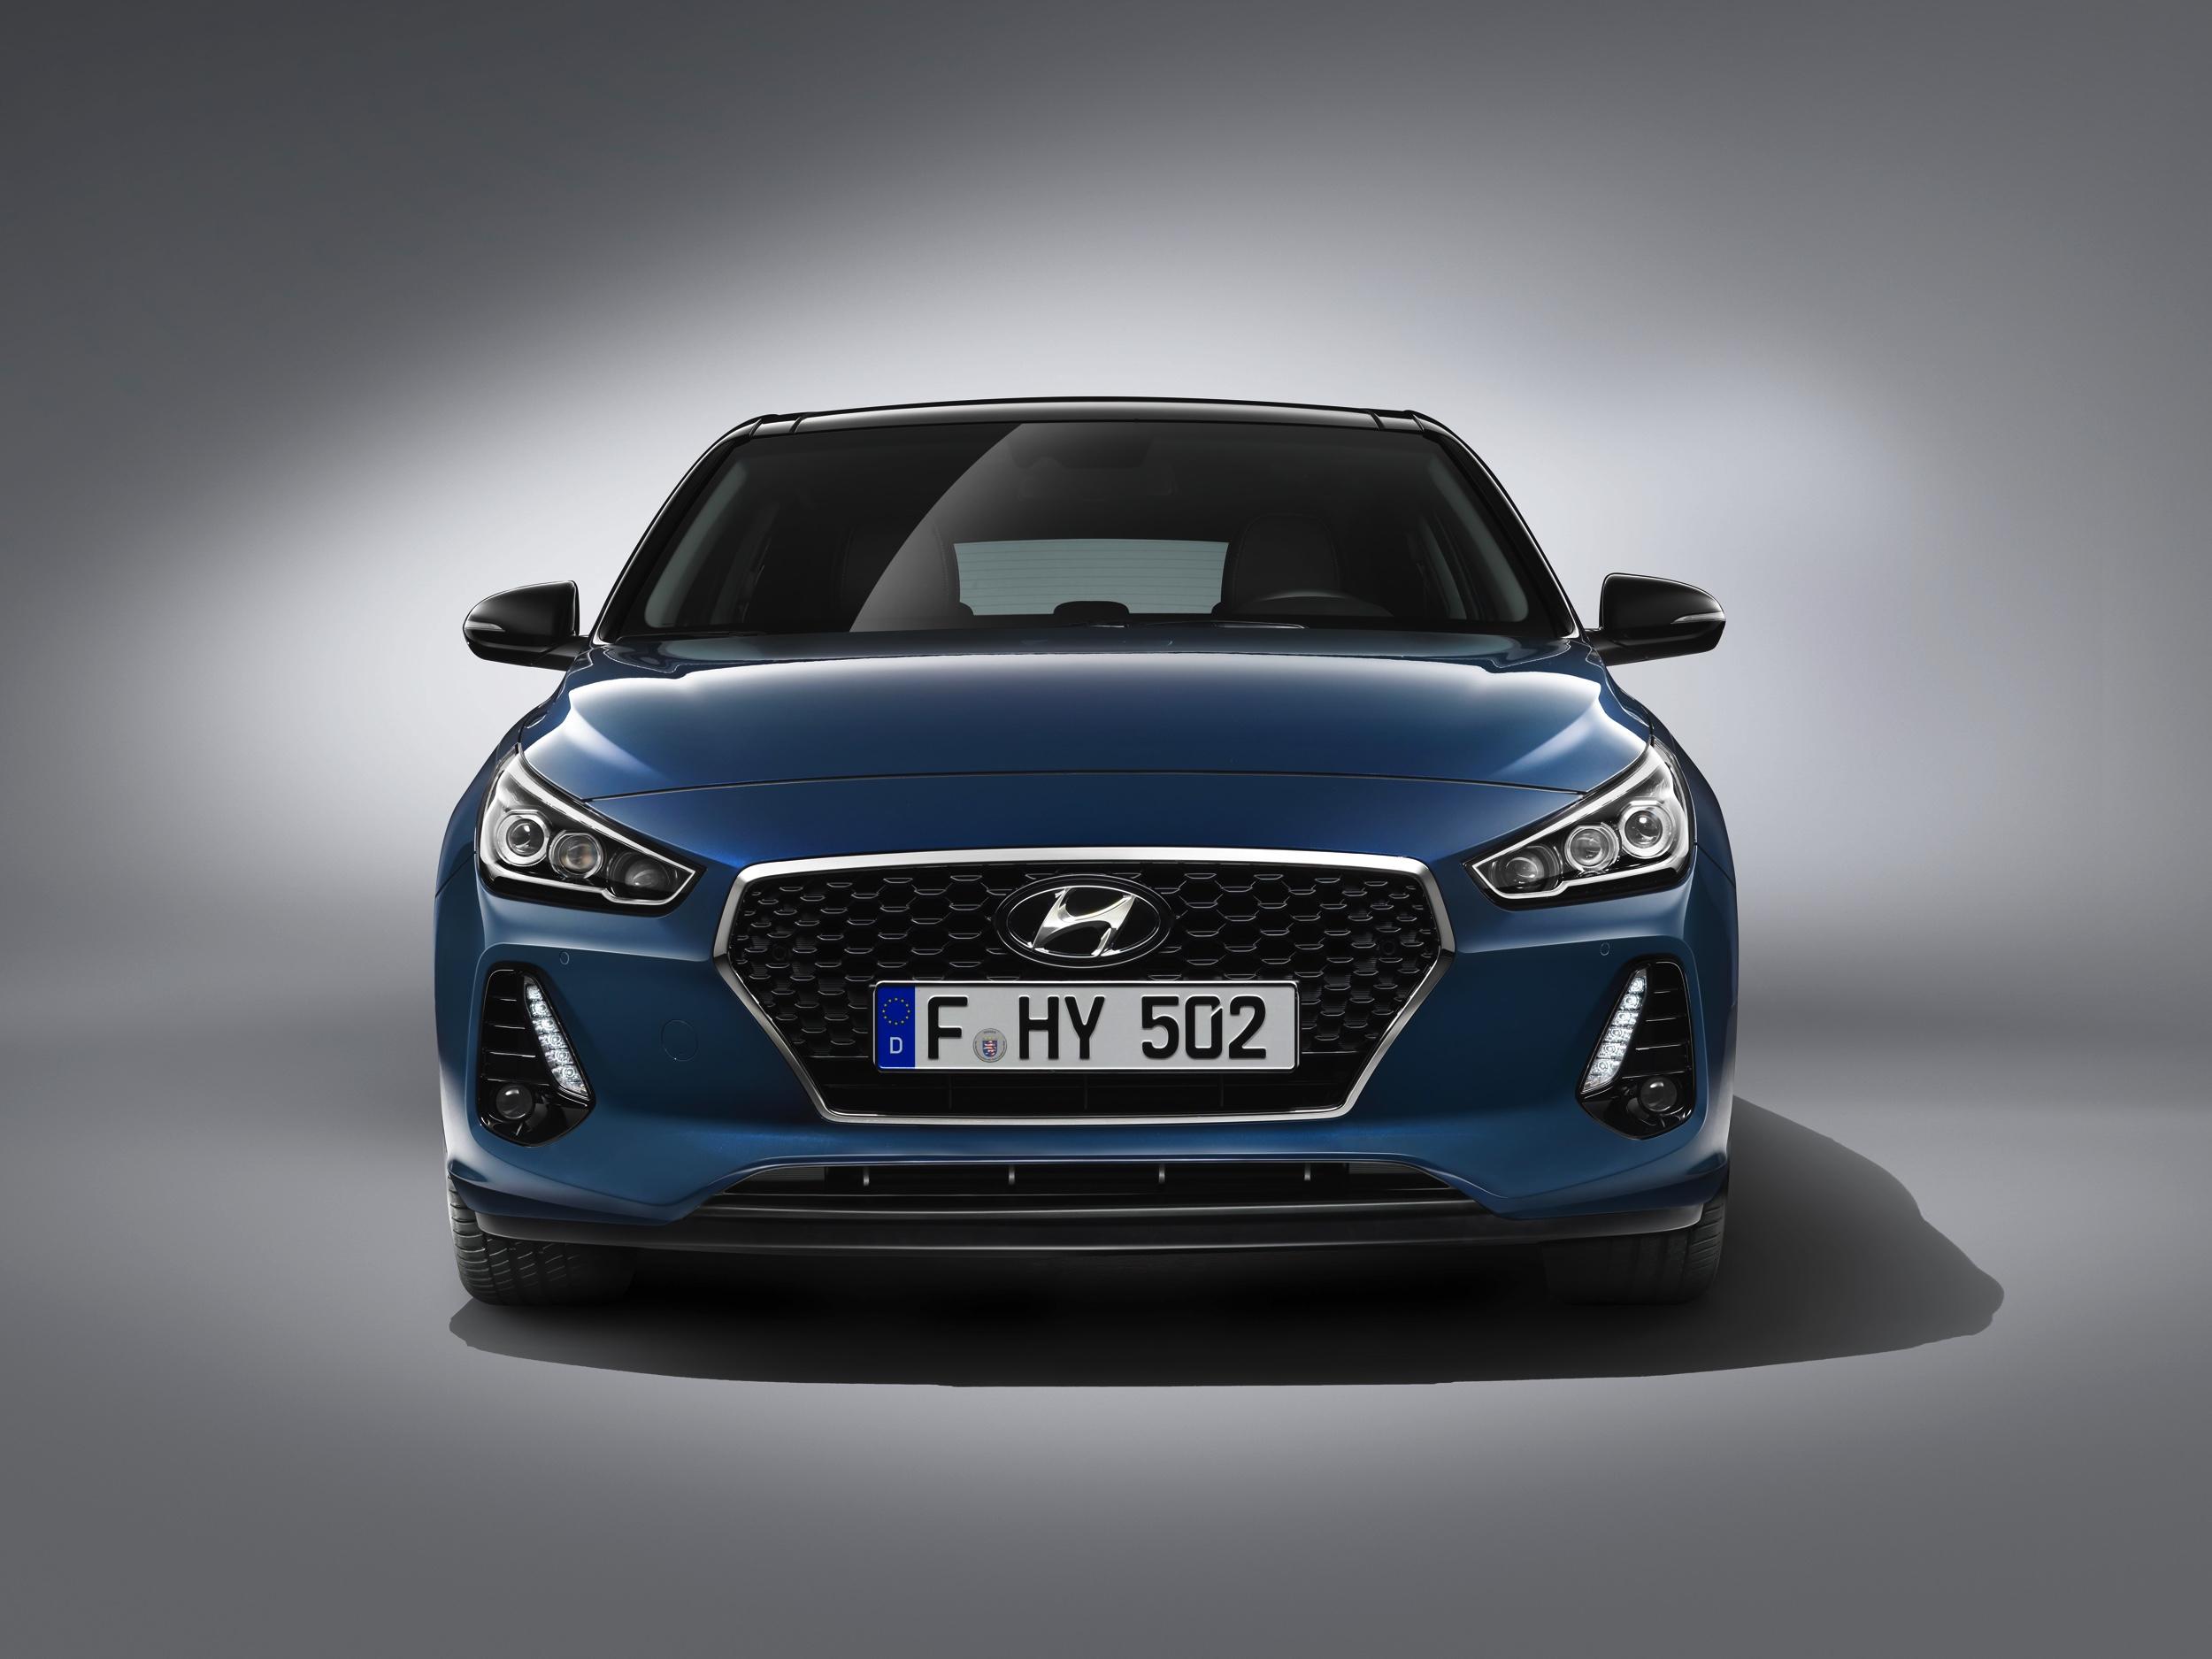 Hyundai i30 -4- Autovisie.nl